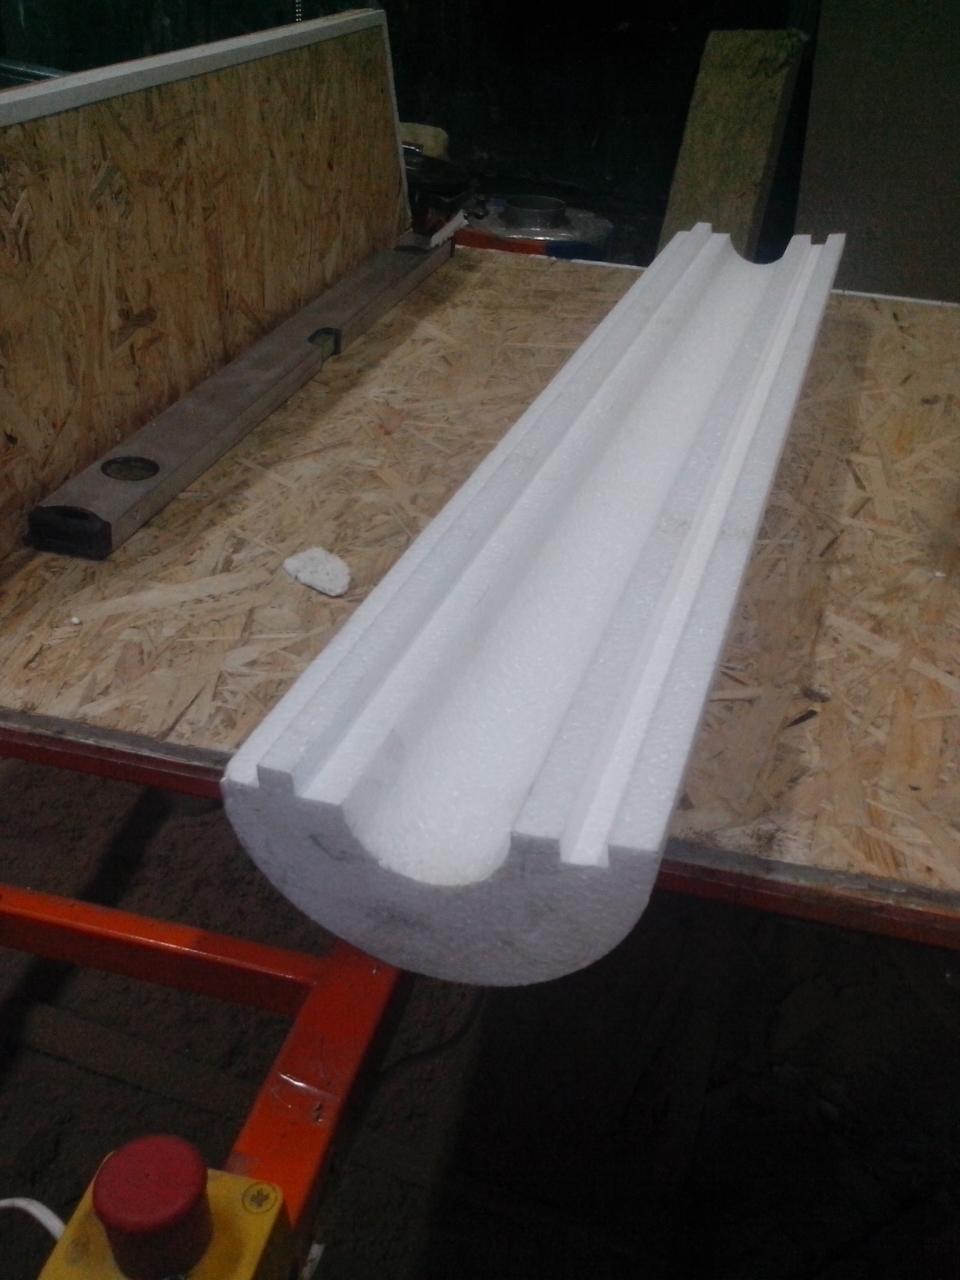 Утеплитель из пенопласта (пенополистирола) для труб Ø 45 мм толщиной 60 мм